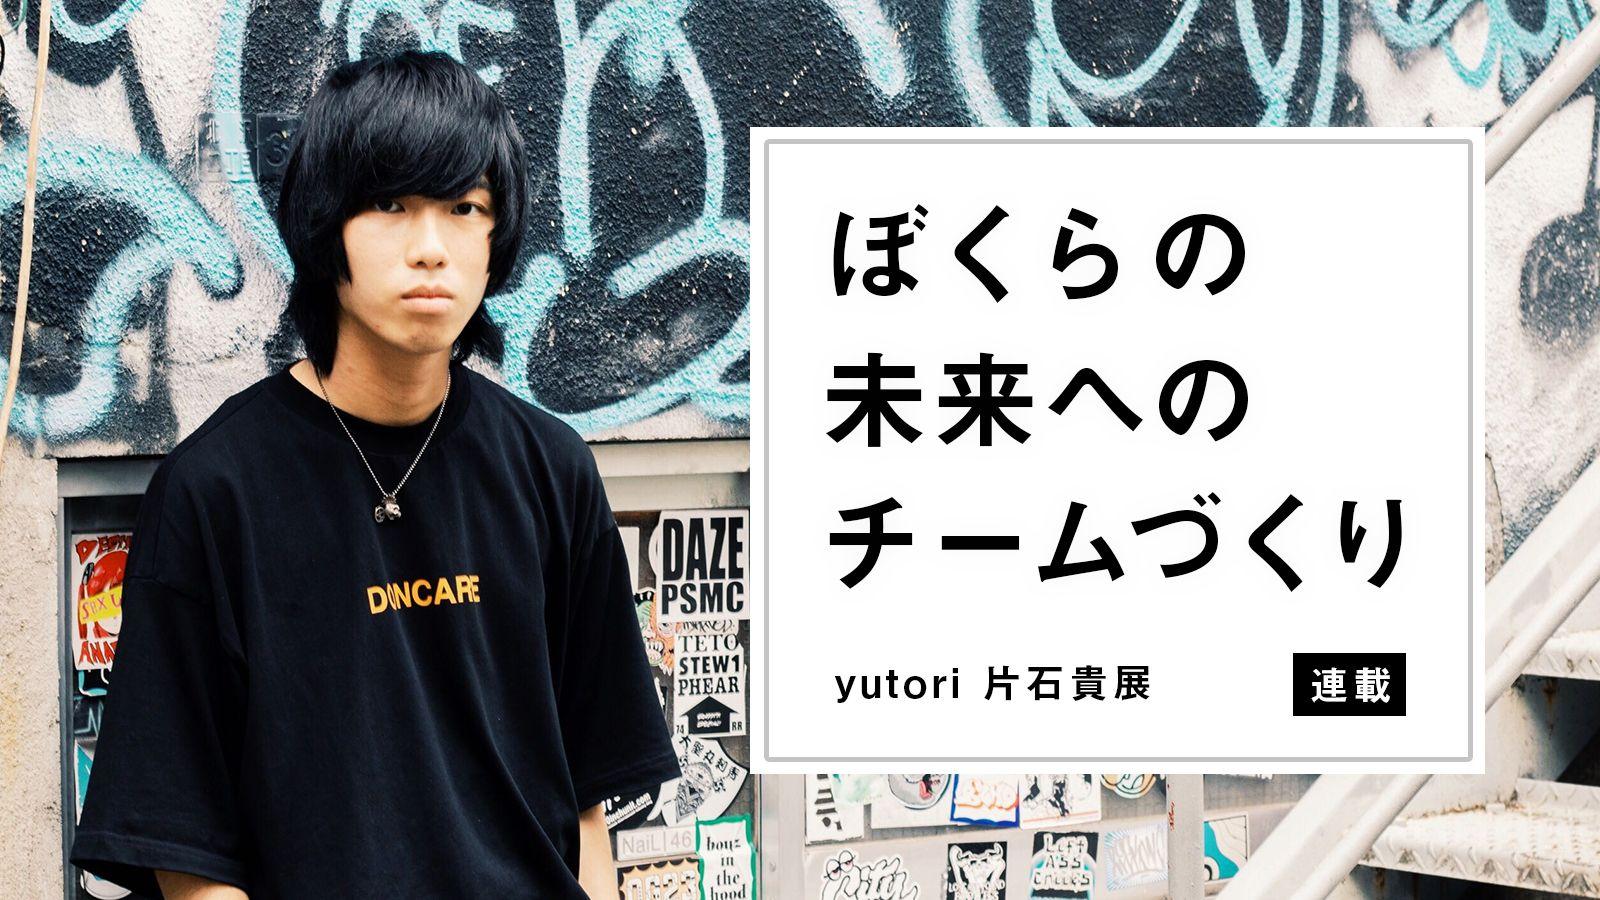 弱さもダサさも抱きしめる。yutori がつくる「ここにいたい」と思える場所